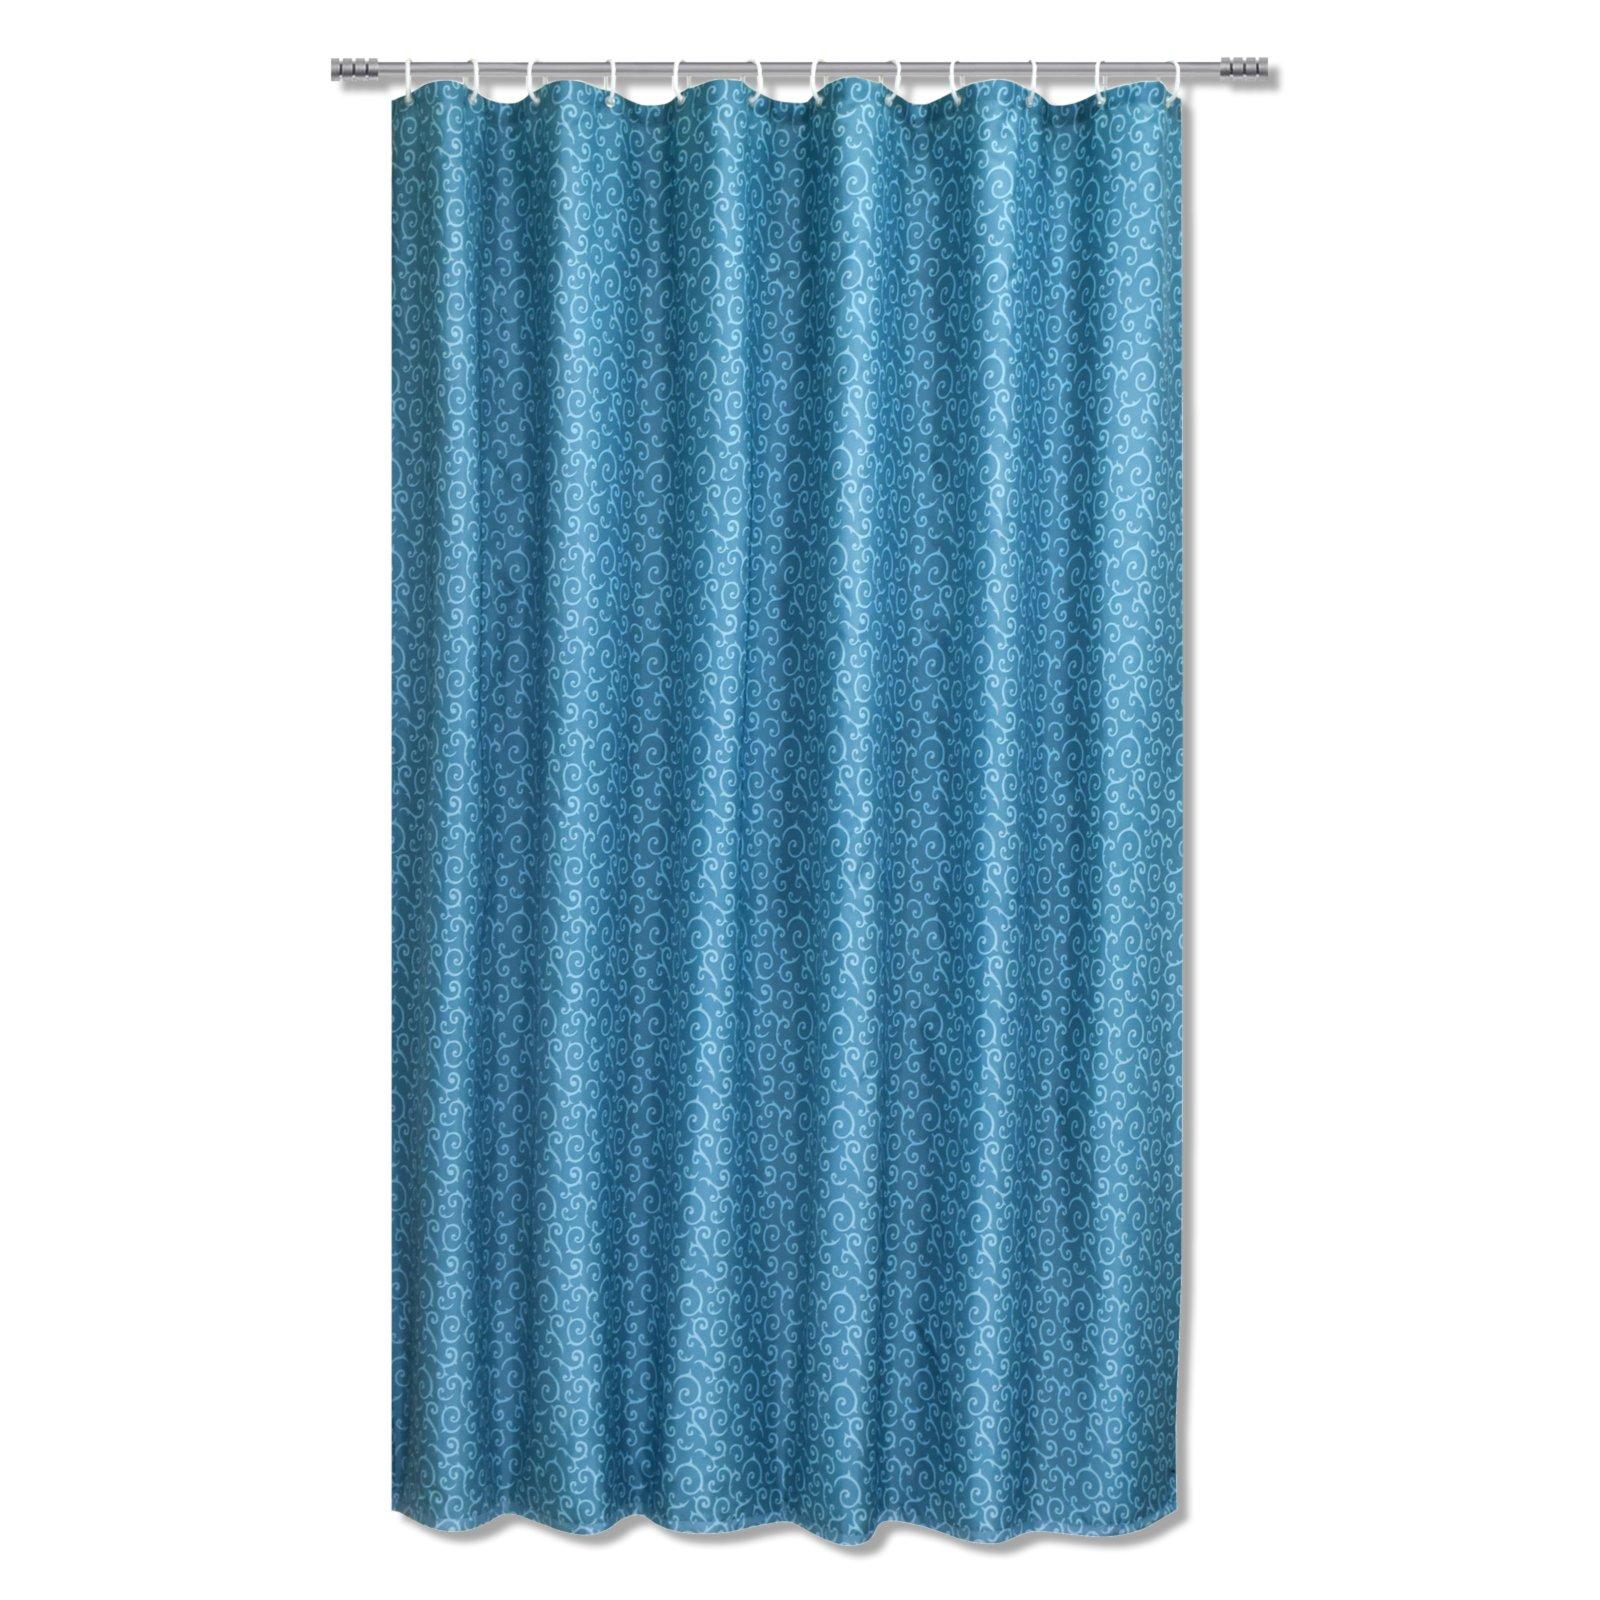 duschvorhang curl t rkis 180x200 cm duschvorh nge rollos badezimmer wohnbereiche. Black Bedroom Furniture Sets. Home Design Ideas